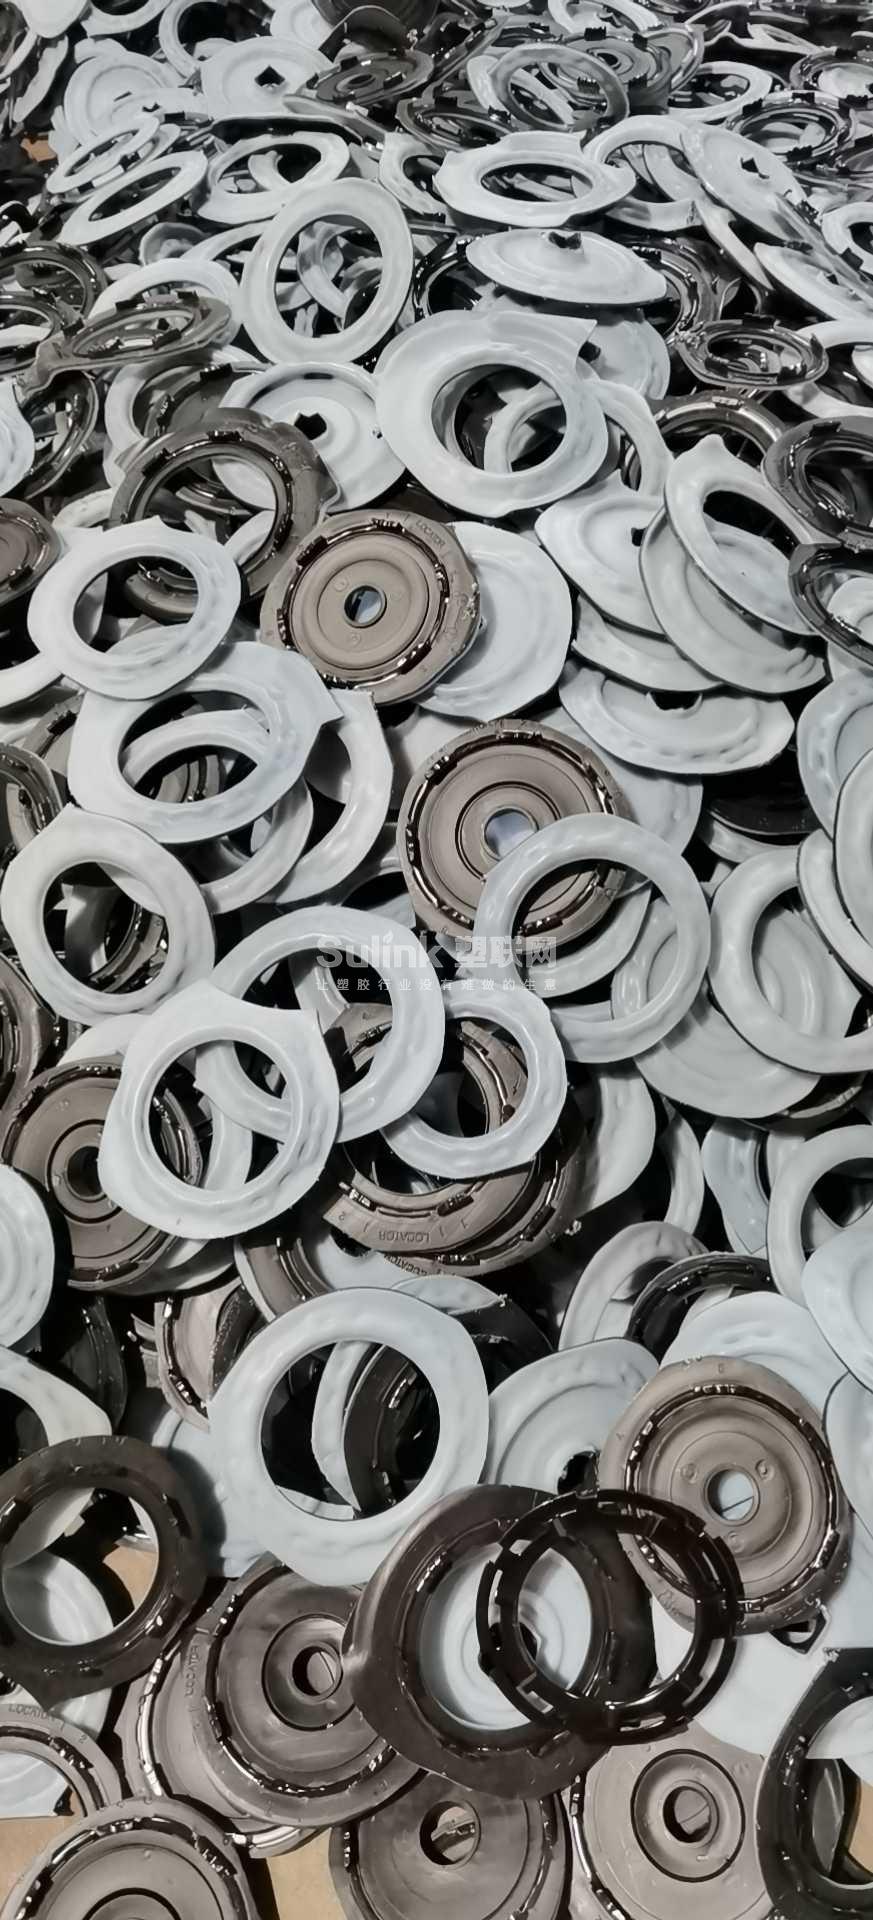 求购塑料带铁- 塑联网 - 塑料联网信息服务平台